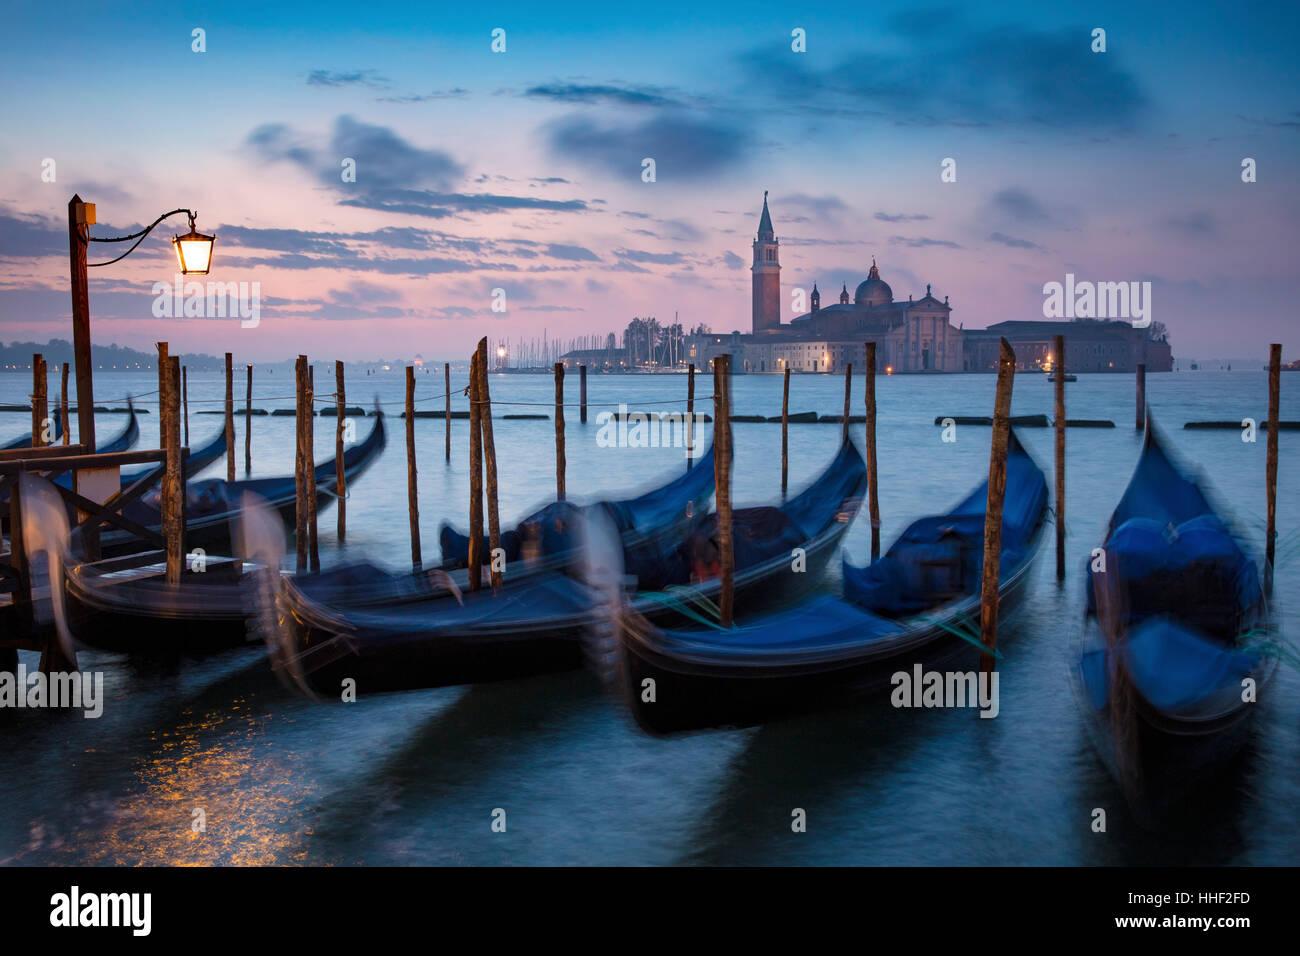 Pre-alba luz sobre las góndolas y San Giorgio Maggiore, Venecia, Véneto, Italia Foto de stock